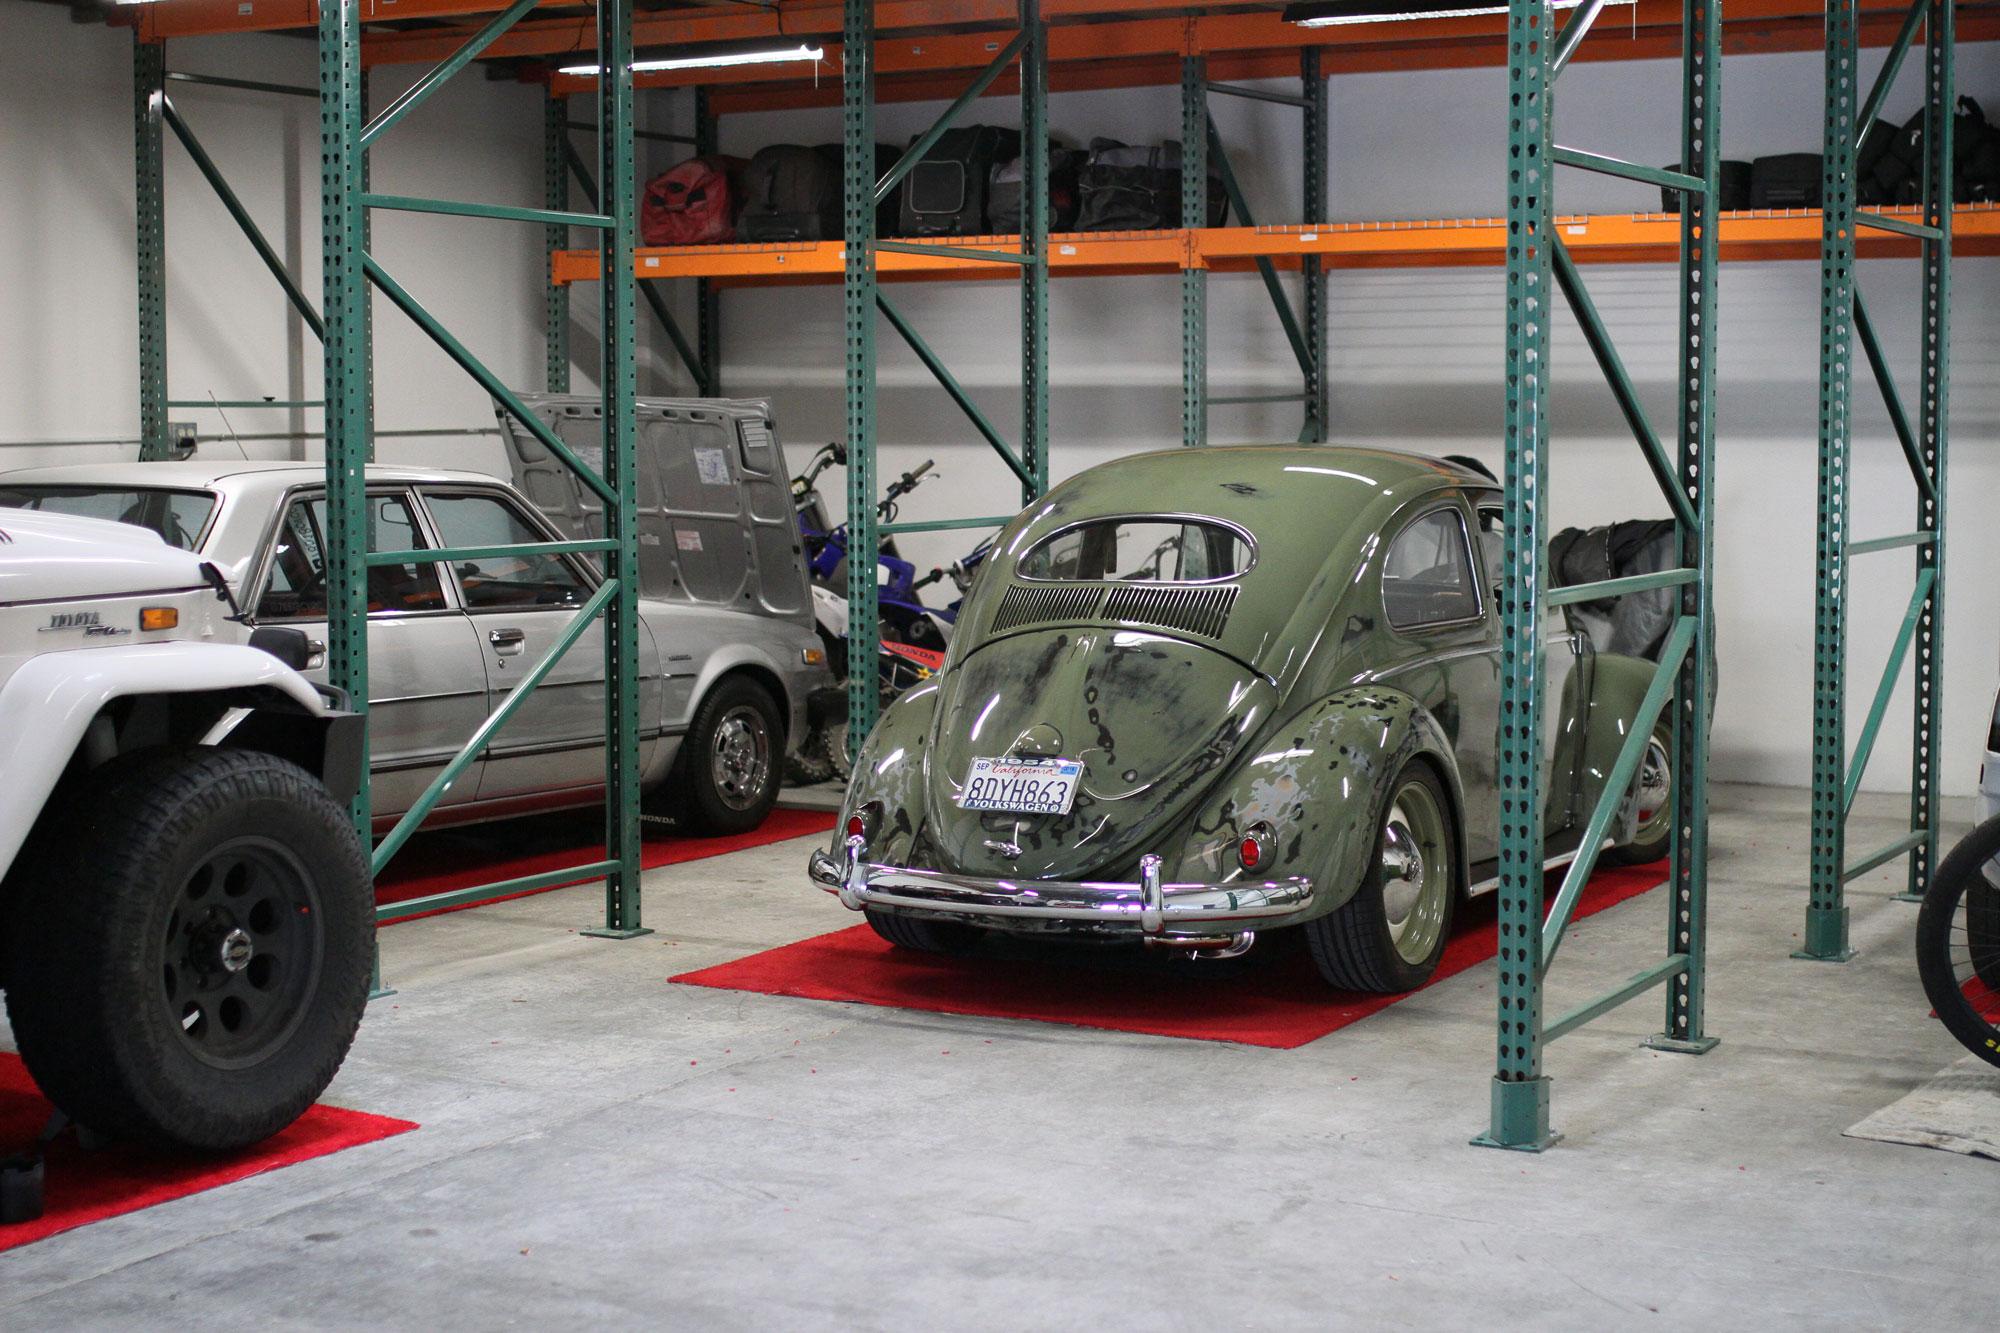 VW Bubbla Patina uställningsbil, Honda Accord med 180 hästkrafter och Toyota FJ40 i ett garage